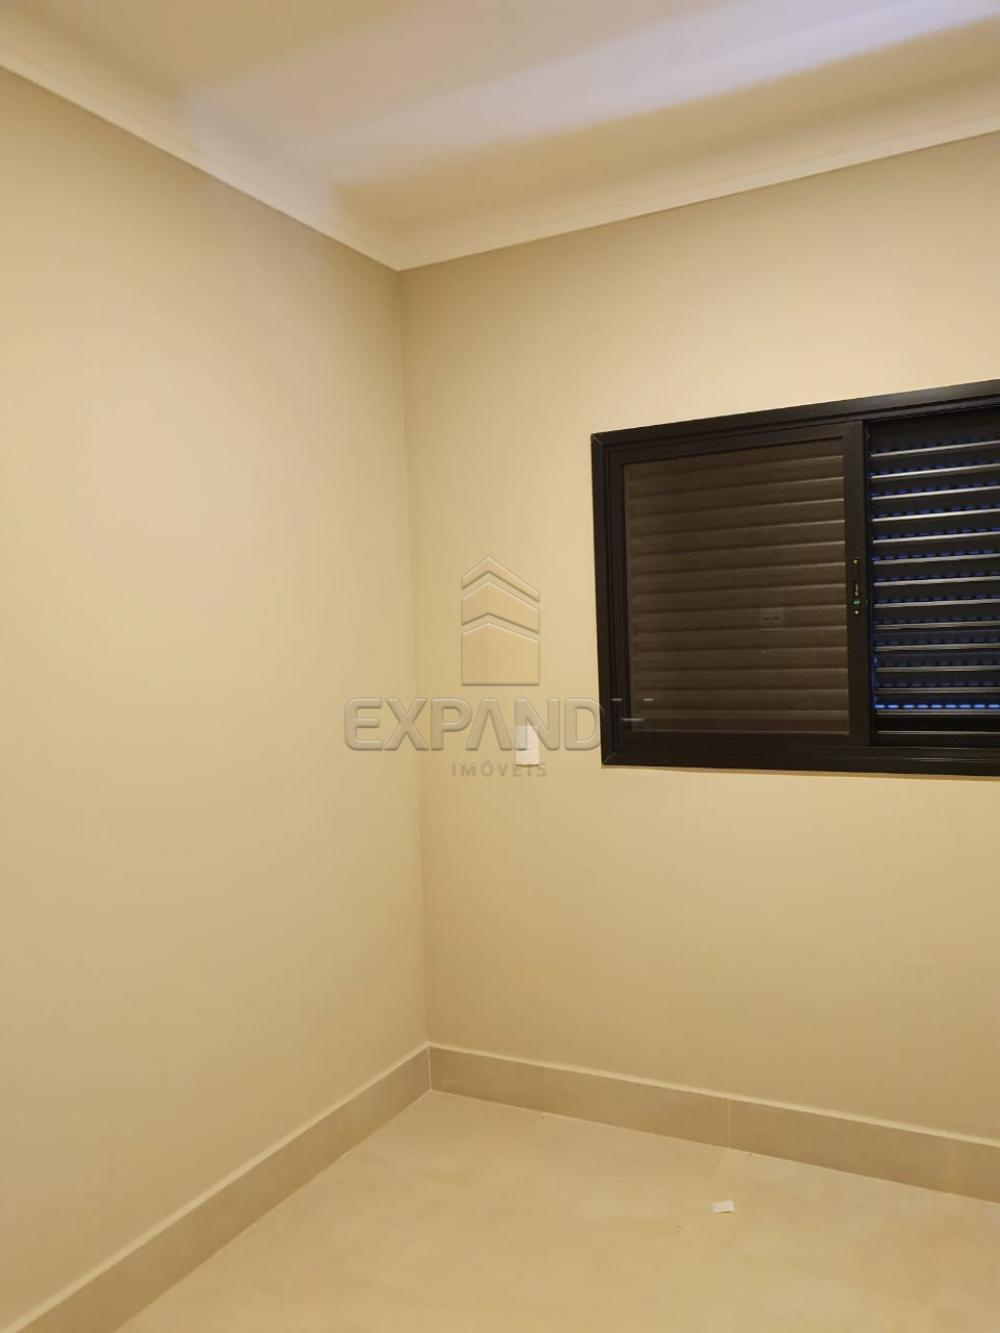 Comprar Casas / Condomínio em Sertãozinho R$ 478.390,00 - Foto 17